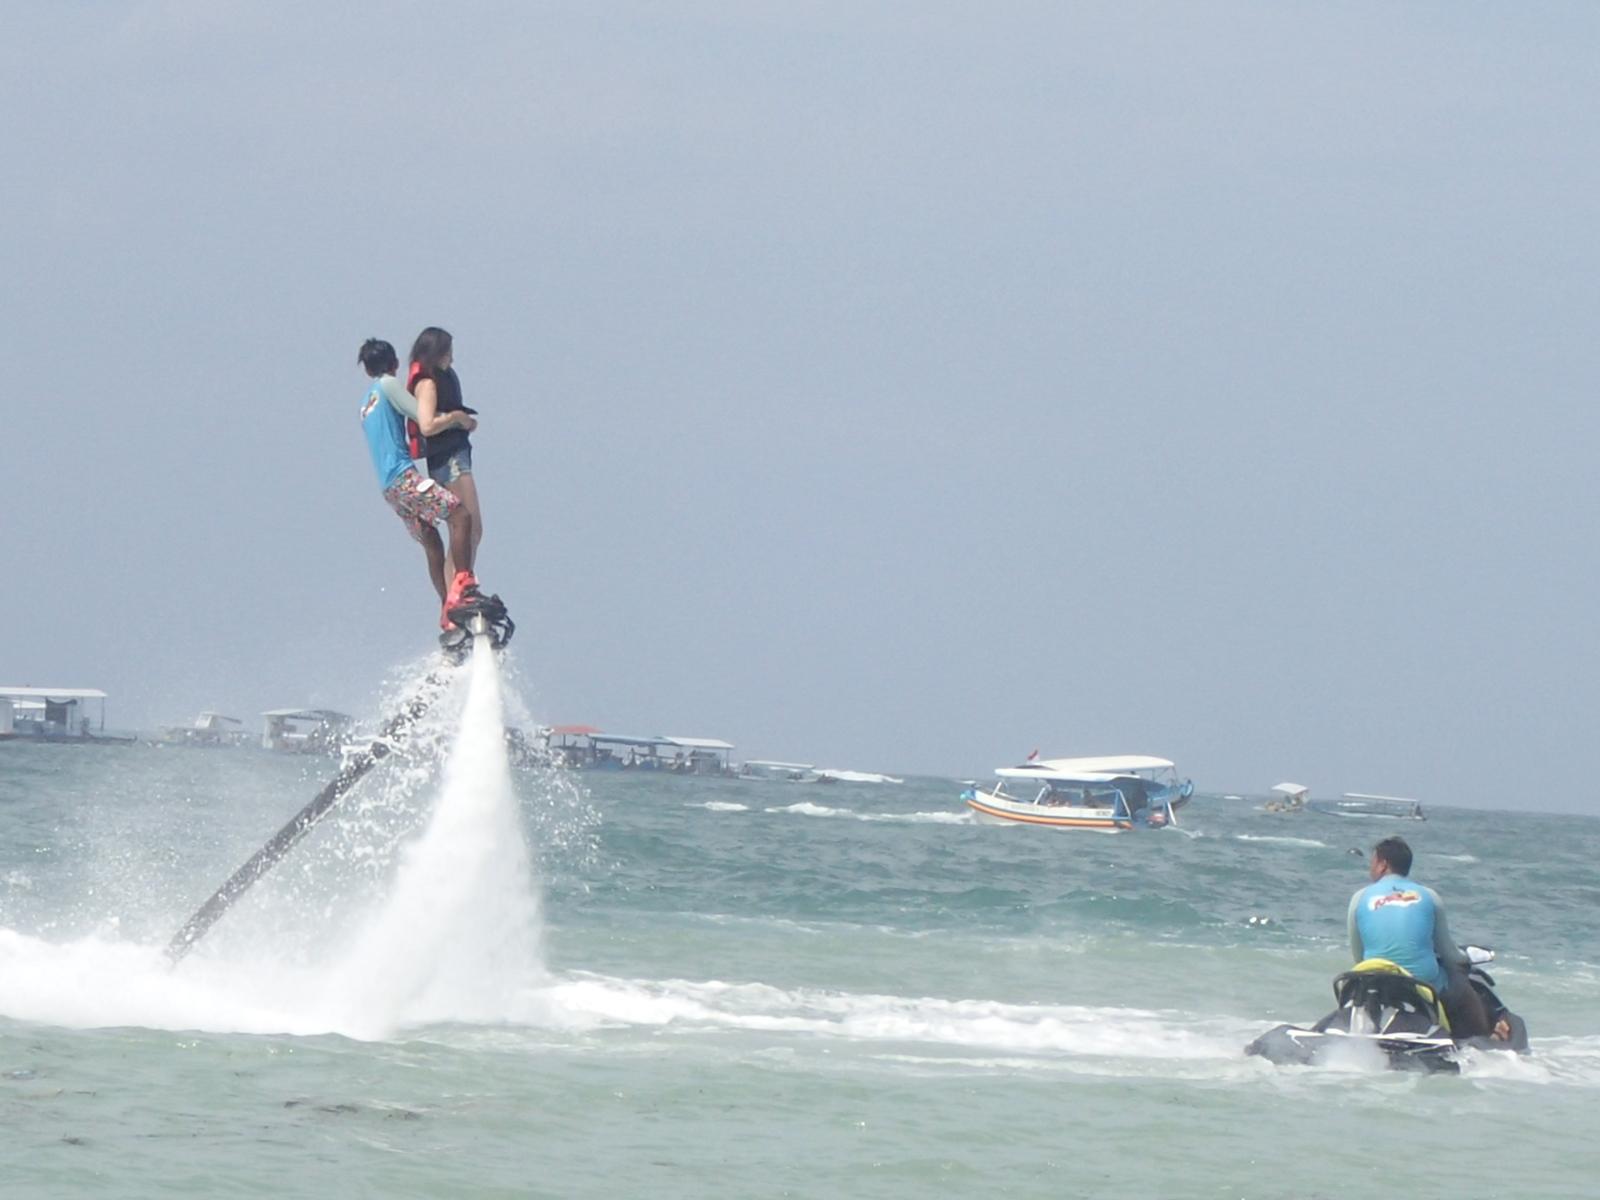 flying board at pandawa marine adventure bali